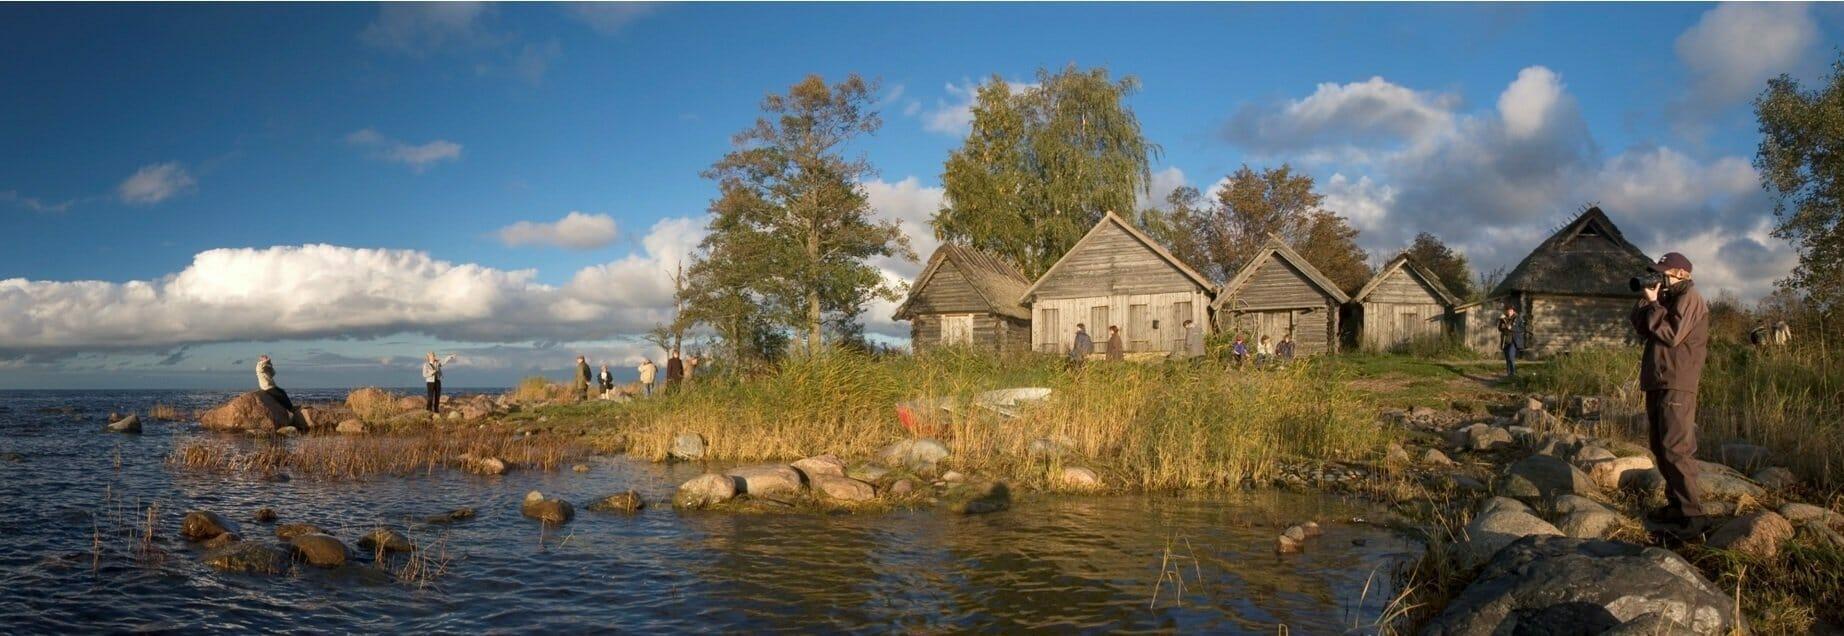 Baltikum - Litauen Lettland Estland Studienreise